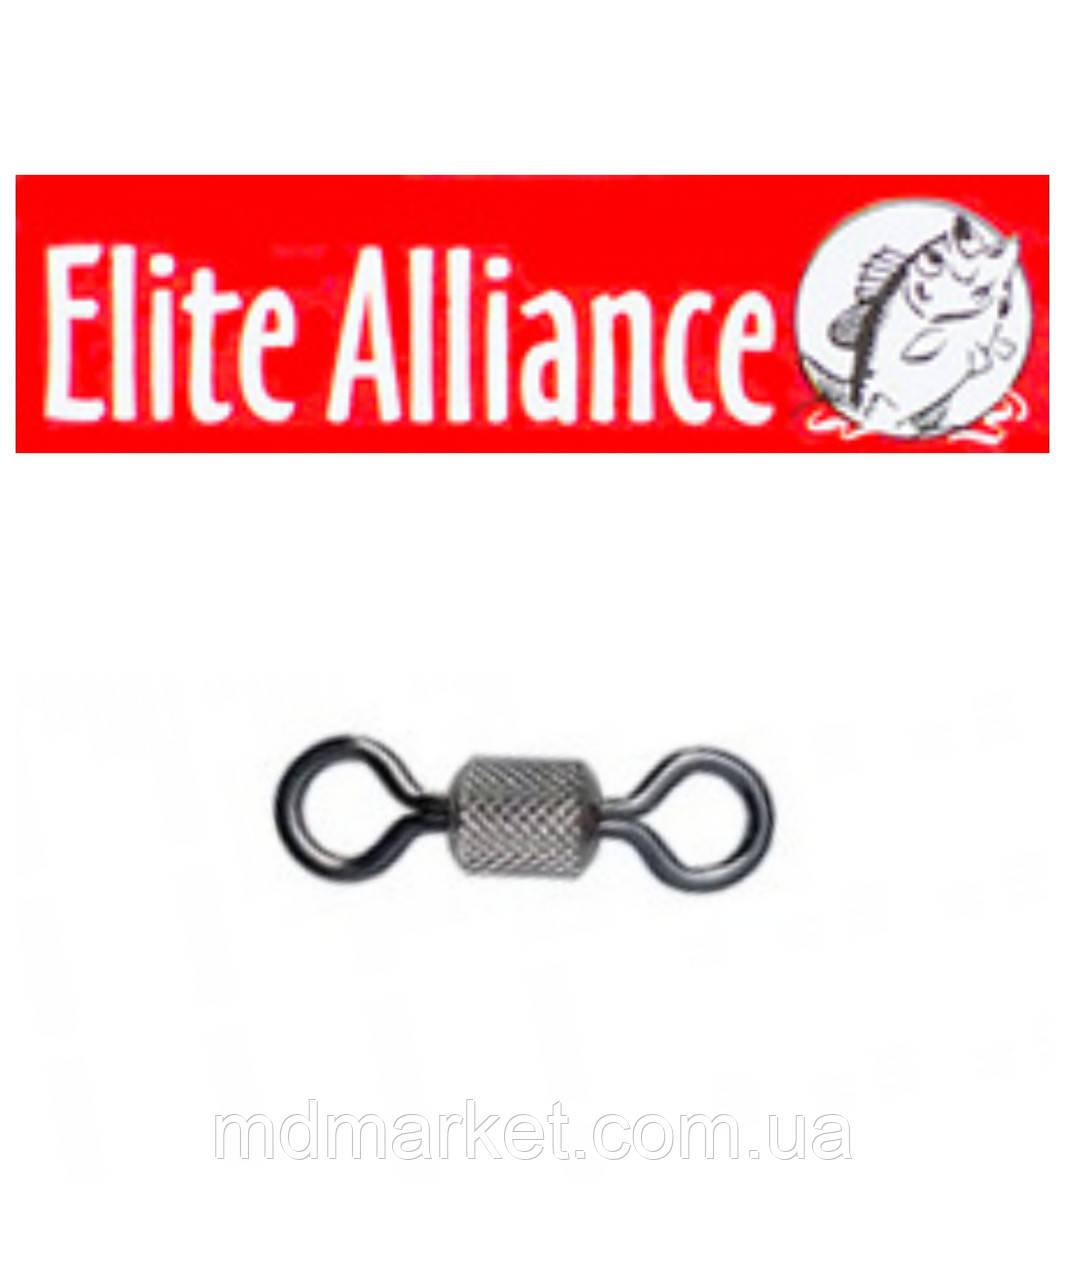 Вертлюг Elite Alliance №8 10шт.